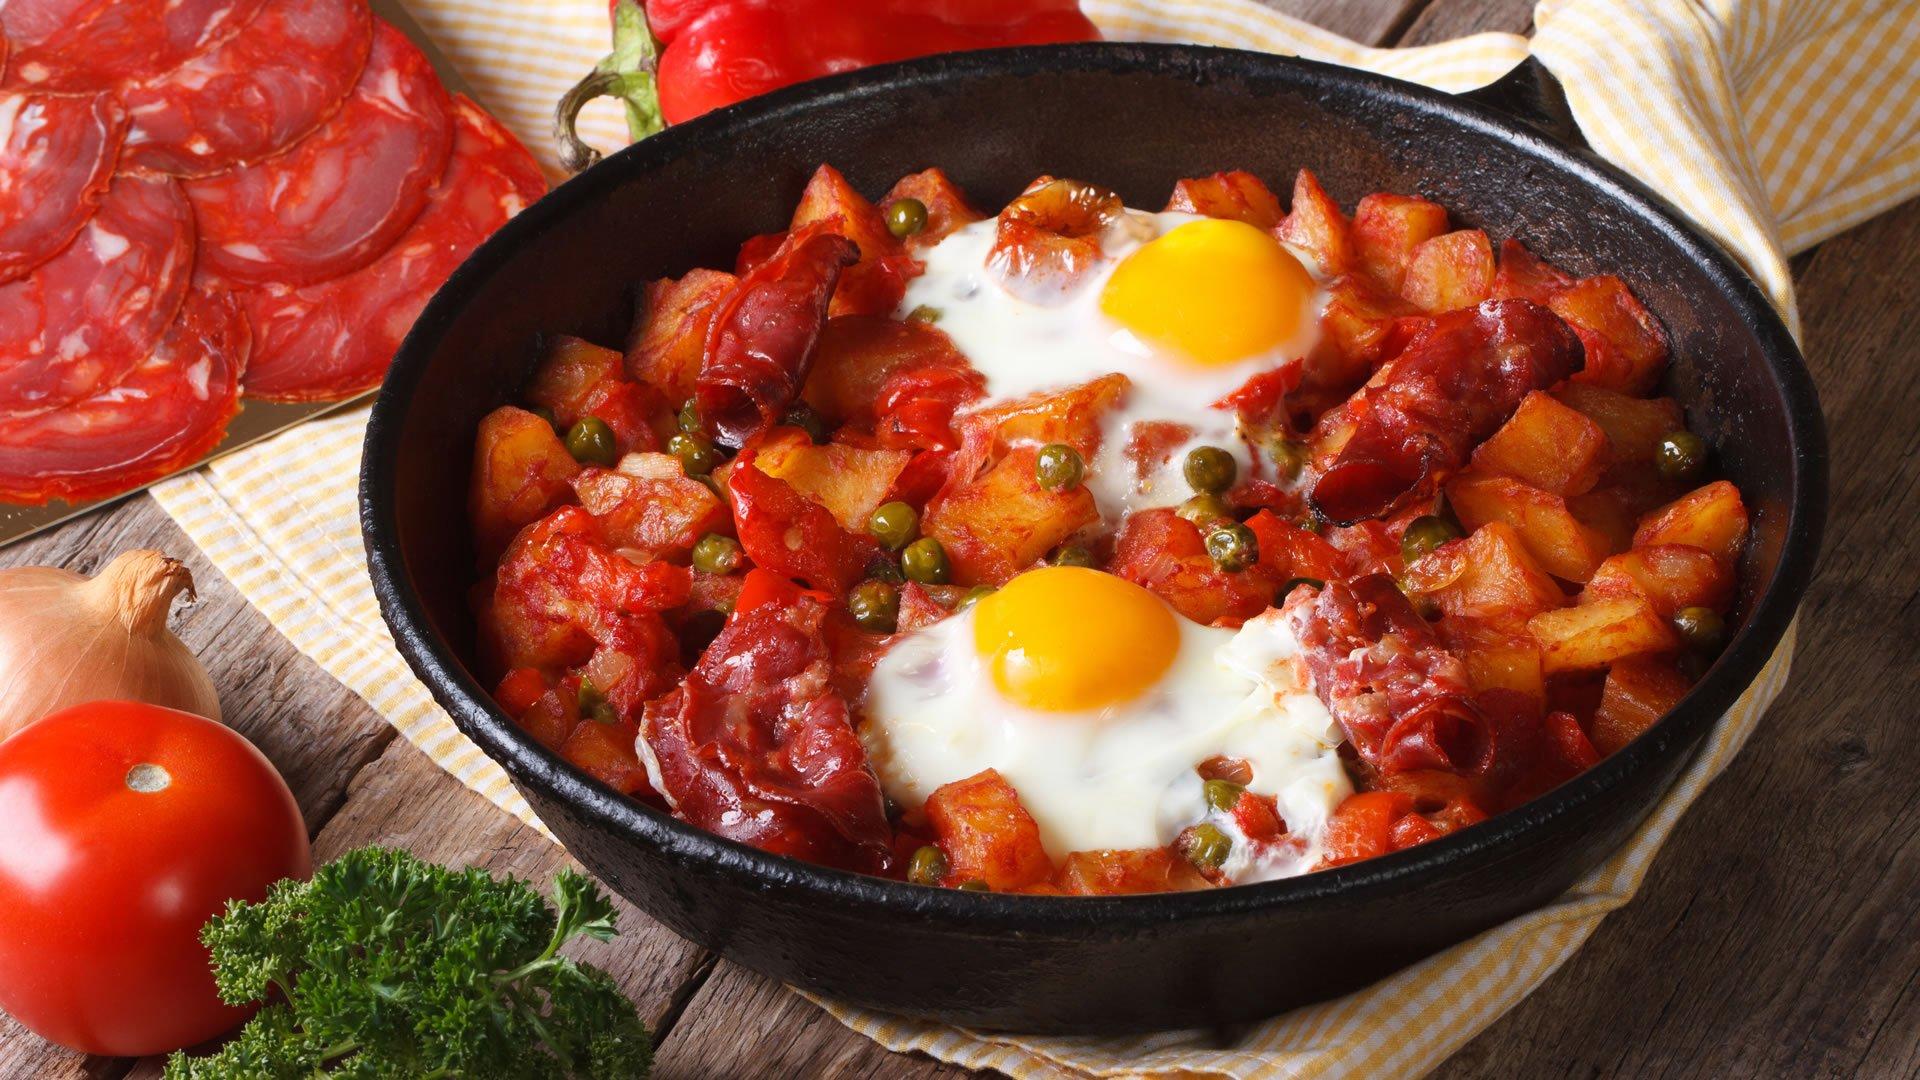 Comida de huevos y corrida en la cara - 3 part 5